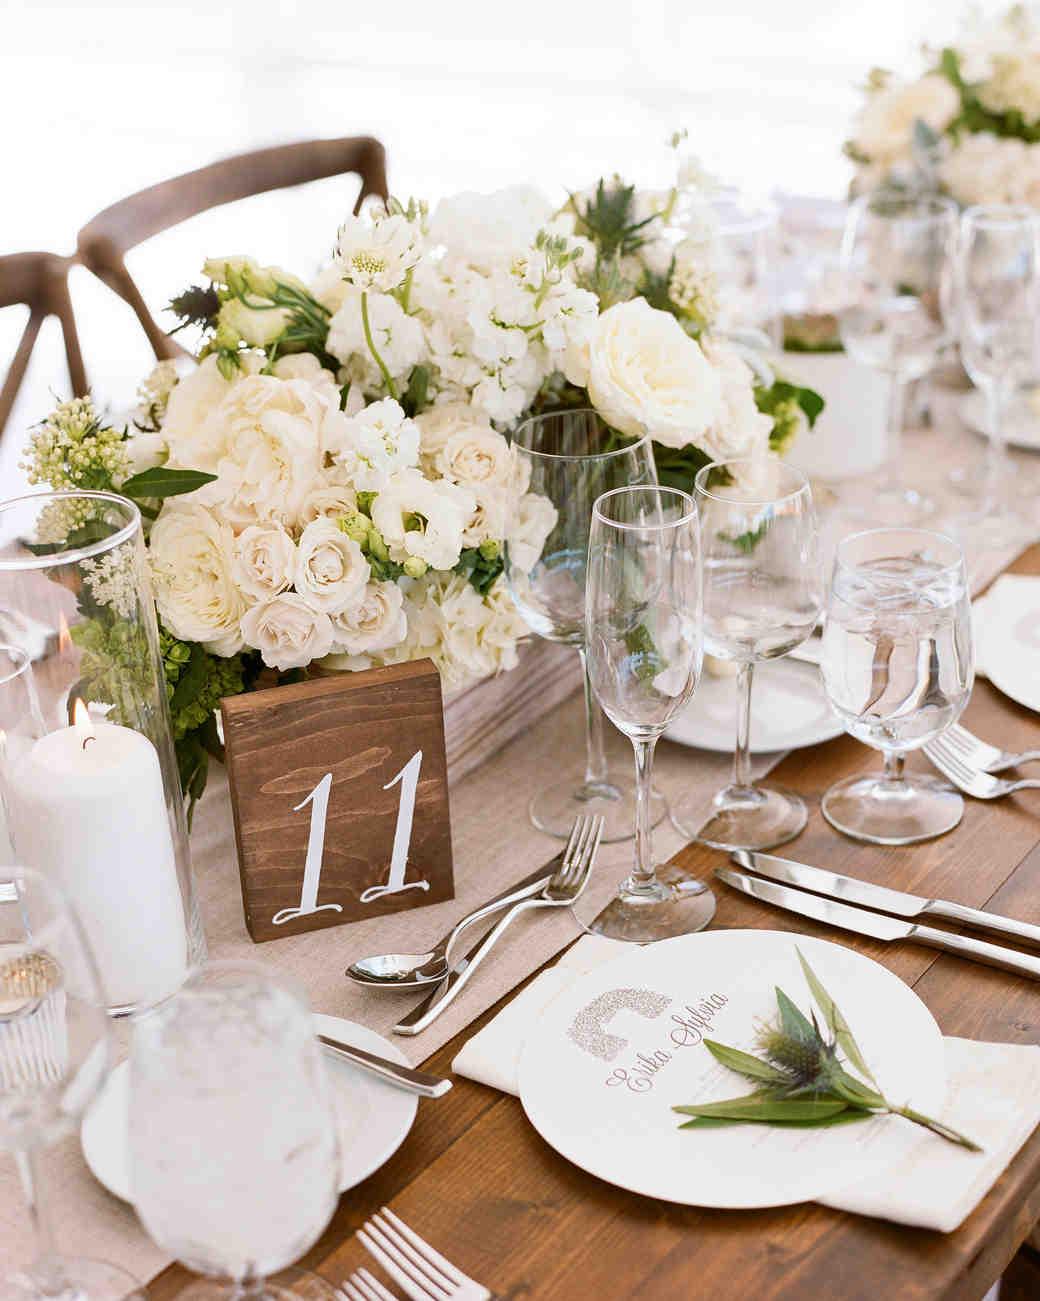 Nápady na číslovanie svadobných stolov - Obrázok č. 93